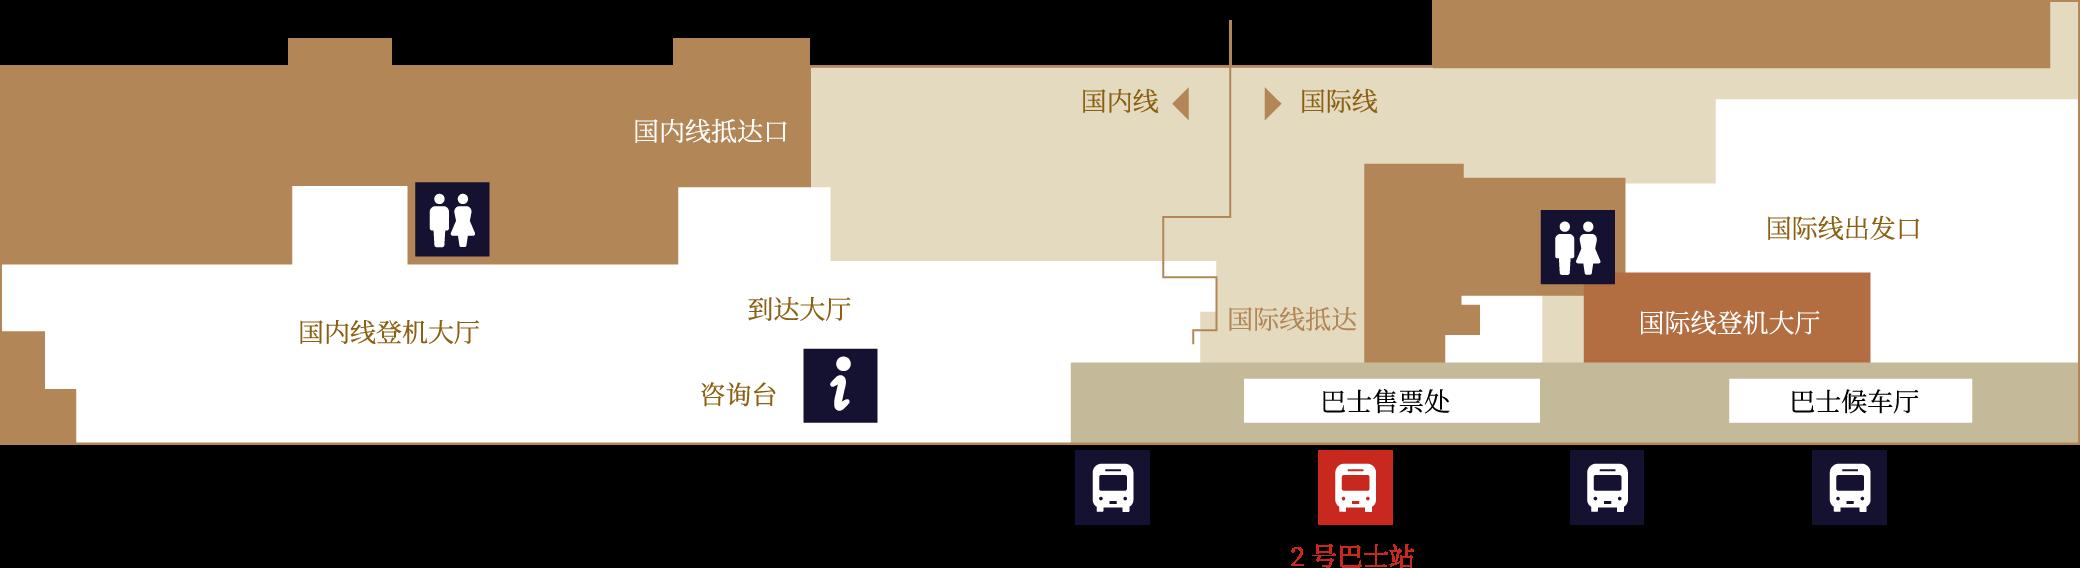 大分机场指南